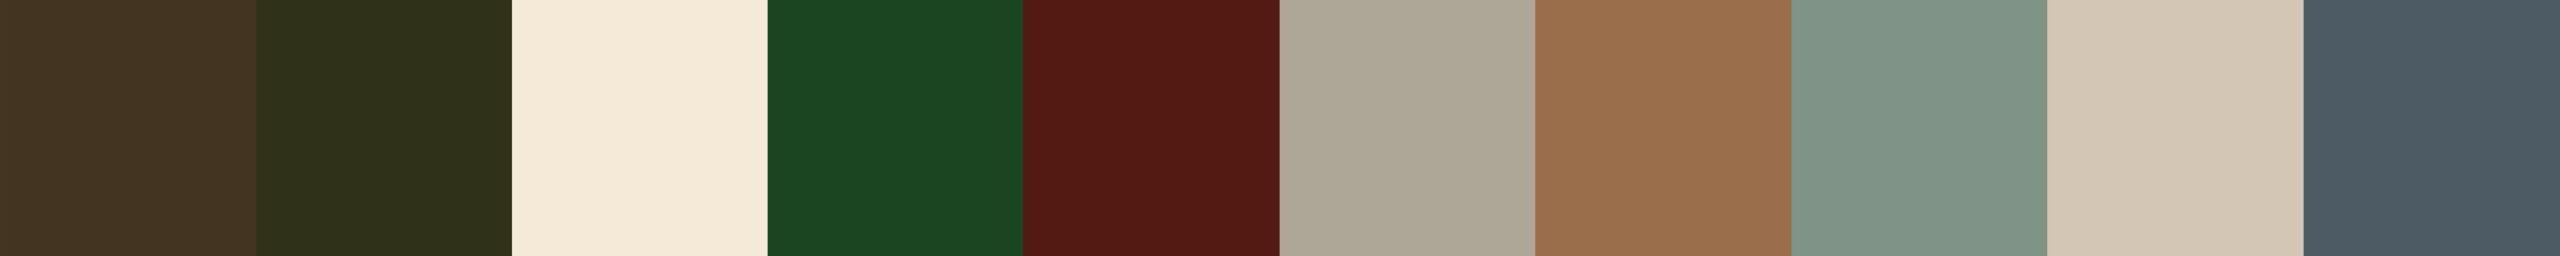 115 Athena Color Palette